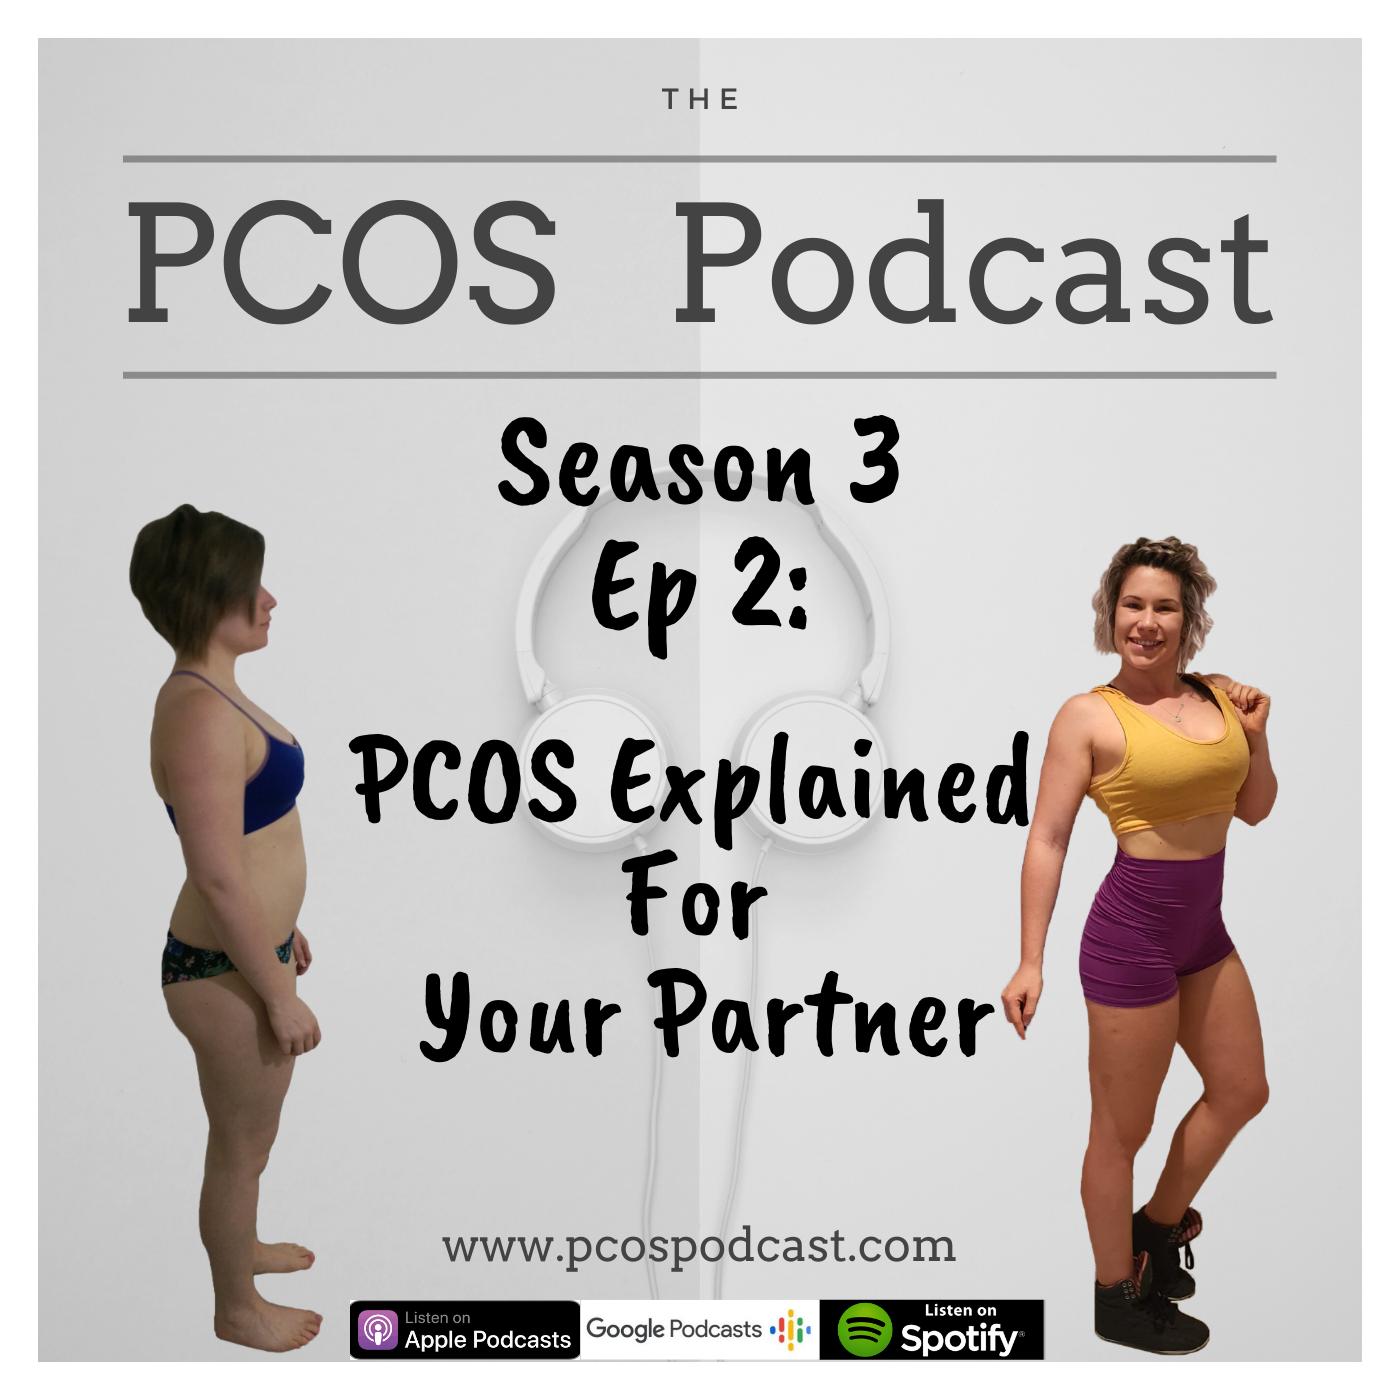 S3 E2 PCOSExplainedForYourPartner